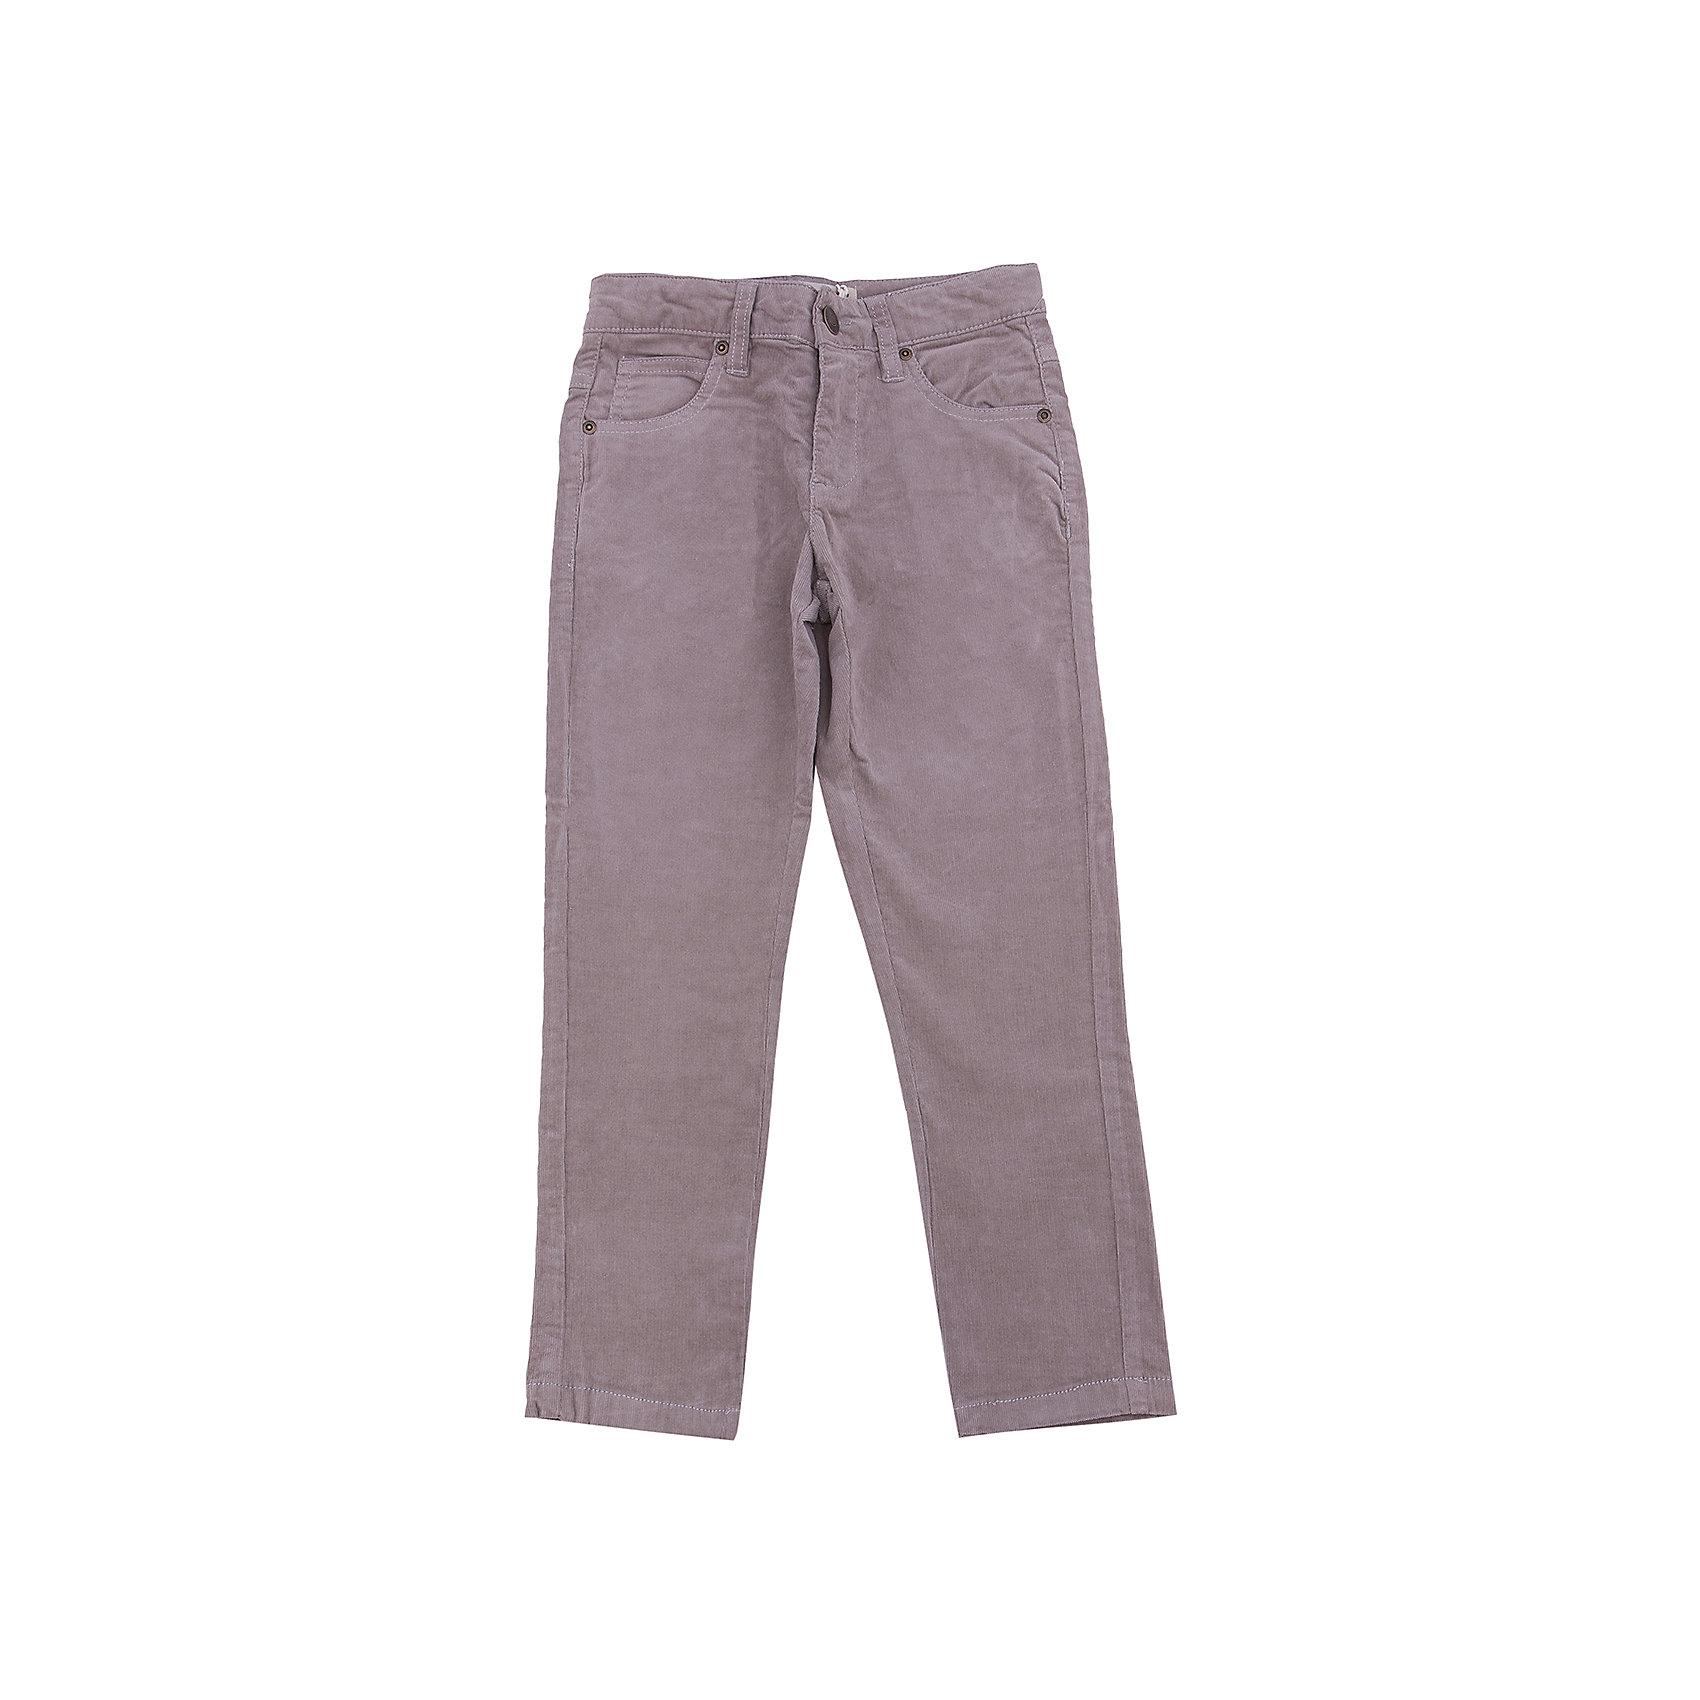 Джинсы для мальчика SELAКлассические джинсы - незаменимая вещь в детском гардеробе. Эта модель отлично сидит на ребенке, она сшита из плотного материала, натуральный хлопок не вызывает аллергии и обеспечивает ребенку комфорт. Модель станет отличной базовой вещью, которая будет уместна в различных сочетаниях.<br>Одежда от бренда Sela (Села) - это качество по приемлемым ценам. Многие российские родители уже оценили преимущества продукции этой компании и всё чаще приобретают одежду и аксессуары Sela.<br><br>Дополнительная информация:<br><br>прямой силуэт;<br>материал: 98% хлопок, 2% эластан;<br>плотный материал.<br><br>Брюки для мальчика от бренда Sela можно купить в нашем интернет-магазине.<br><br>Ширина мм: 215<br>Глубина мм: 88<br>Высота мм: 191<br>Вес г: 336<br>Цвет: бежевый<br>Возраст от месяцев: 60<br>Возраст до месяцев: 72<br>Пол: Мужской<br>Возраст: Детский<br>Размер: 116,152,146,128,122,140,134<br>SKU: 5008041